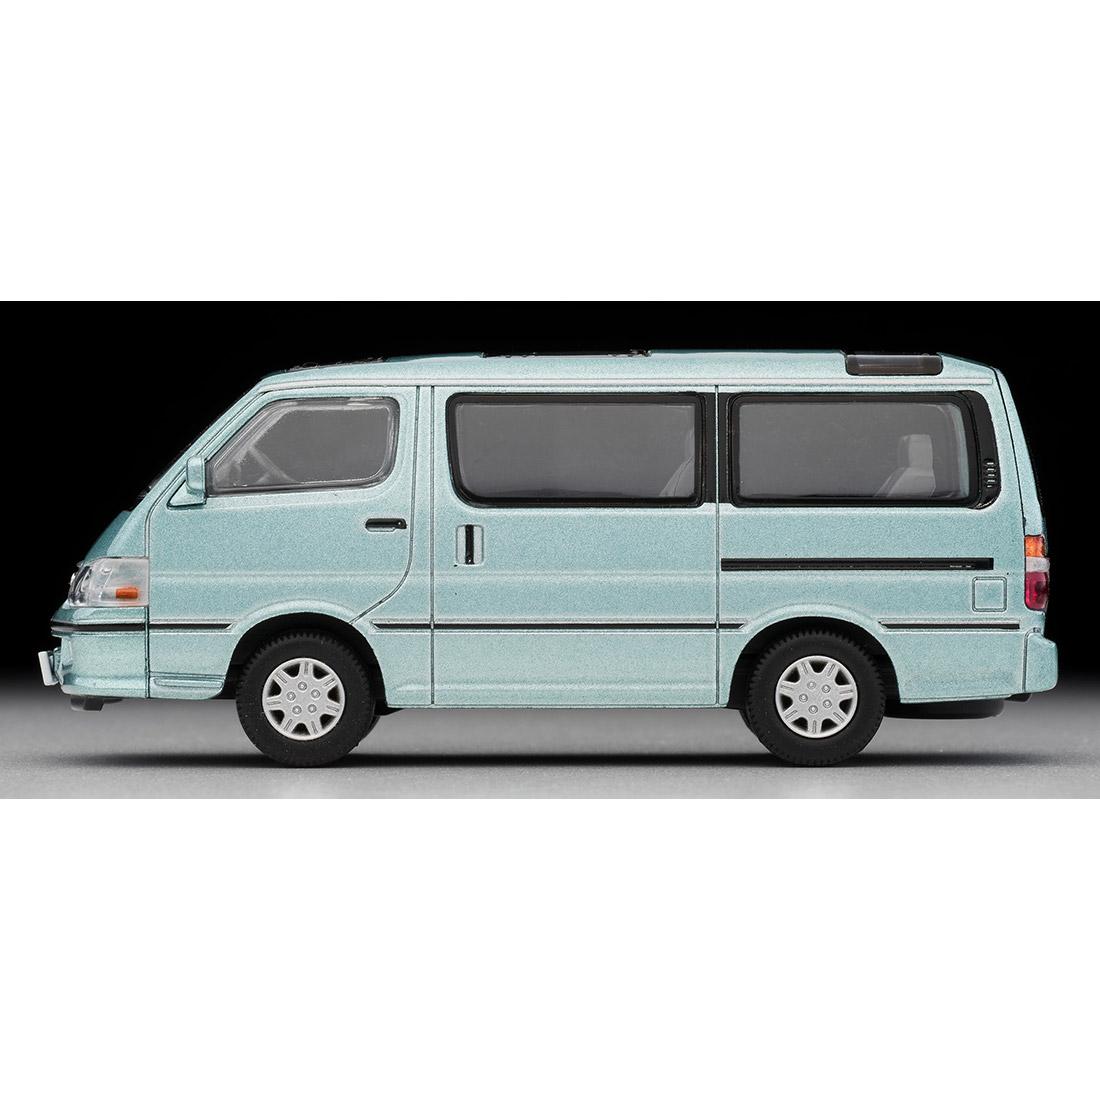 トミカリミテッド ヴィンテージ ネオ TLV-NEO『LV-N216a ハイエースワゴン リビングサルーン EX(白/ベージュ)』1/64 ミニカー-013